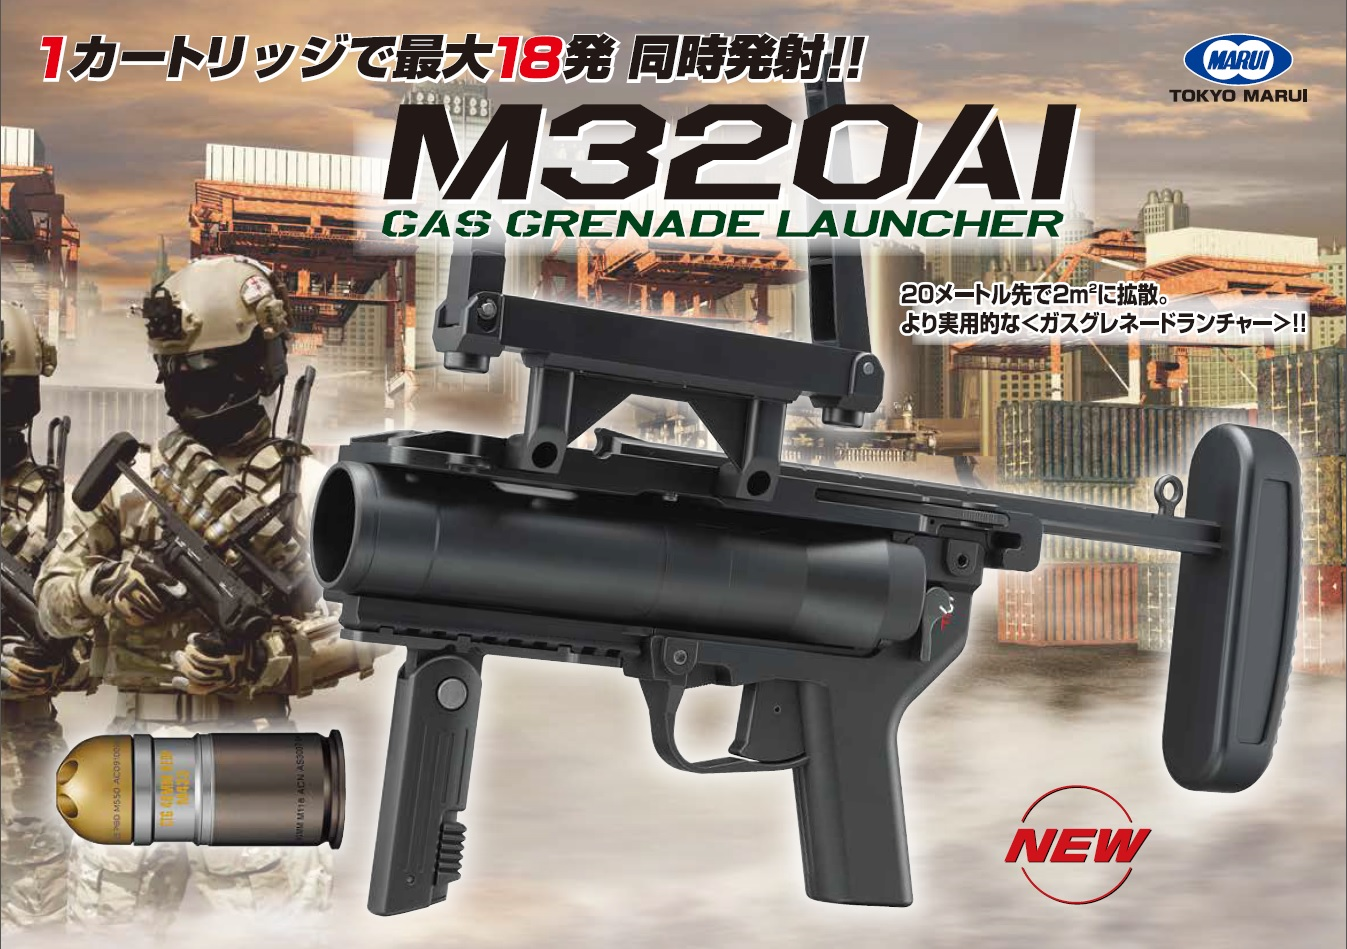 M320A1 GasGrenadeLauncher